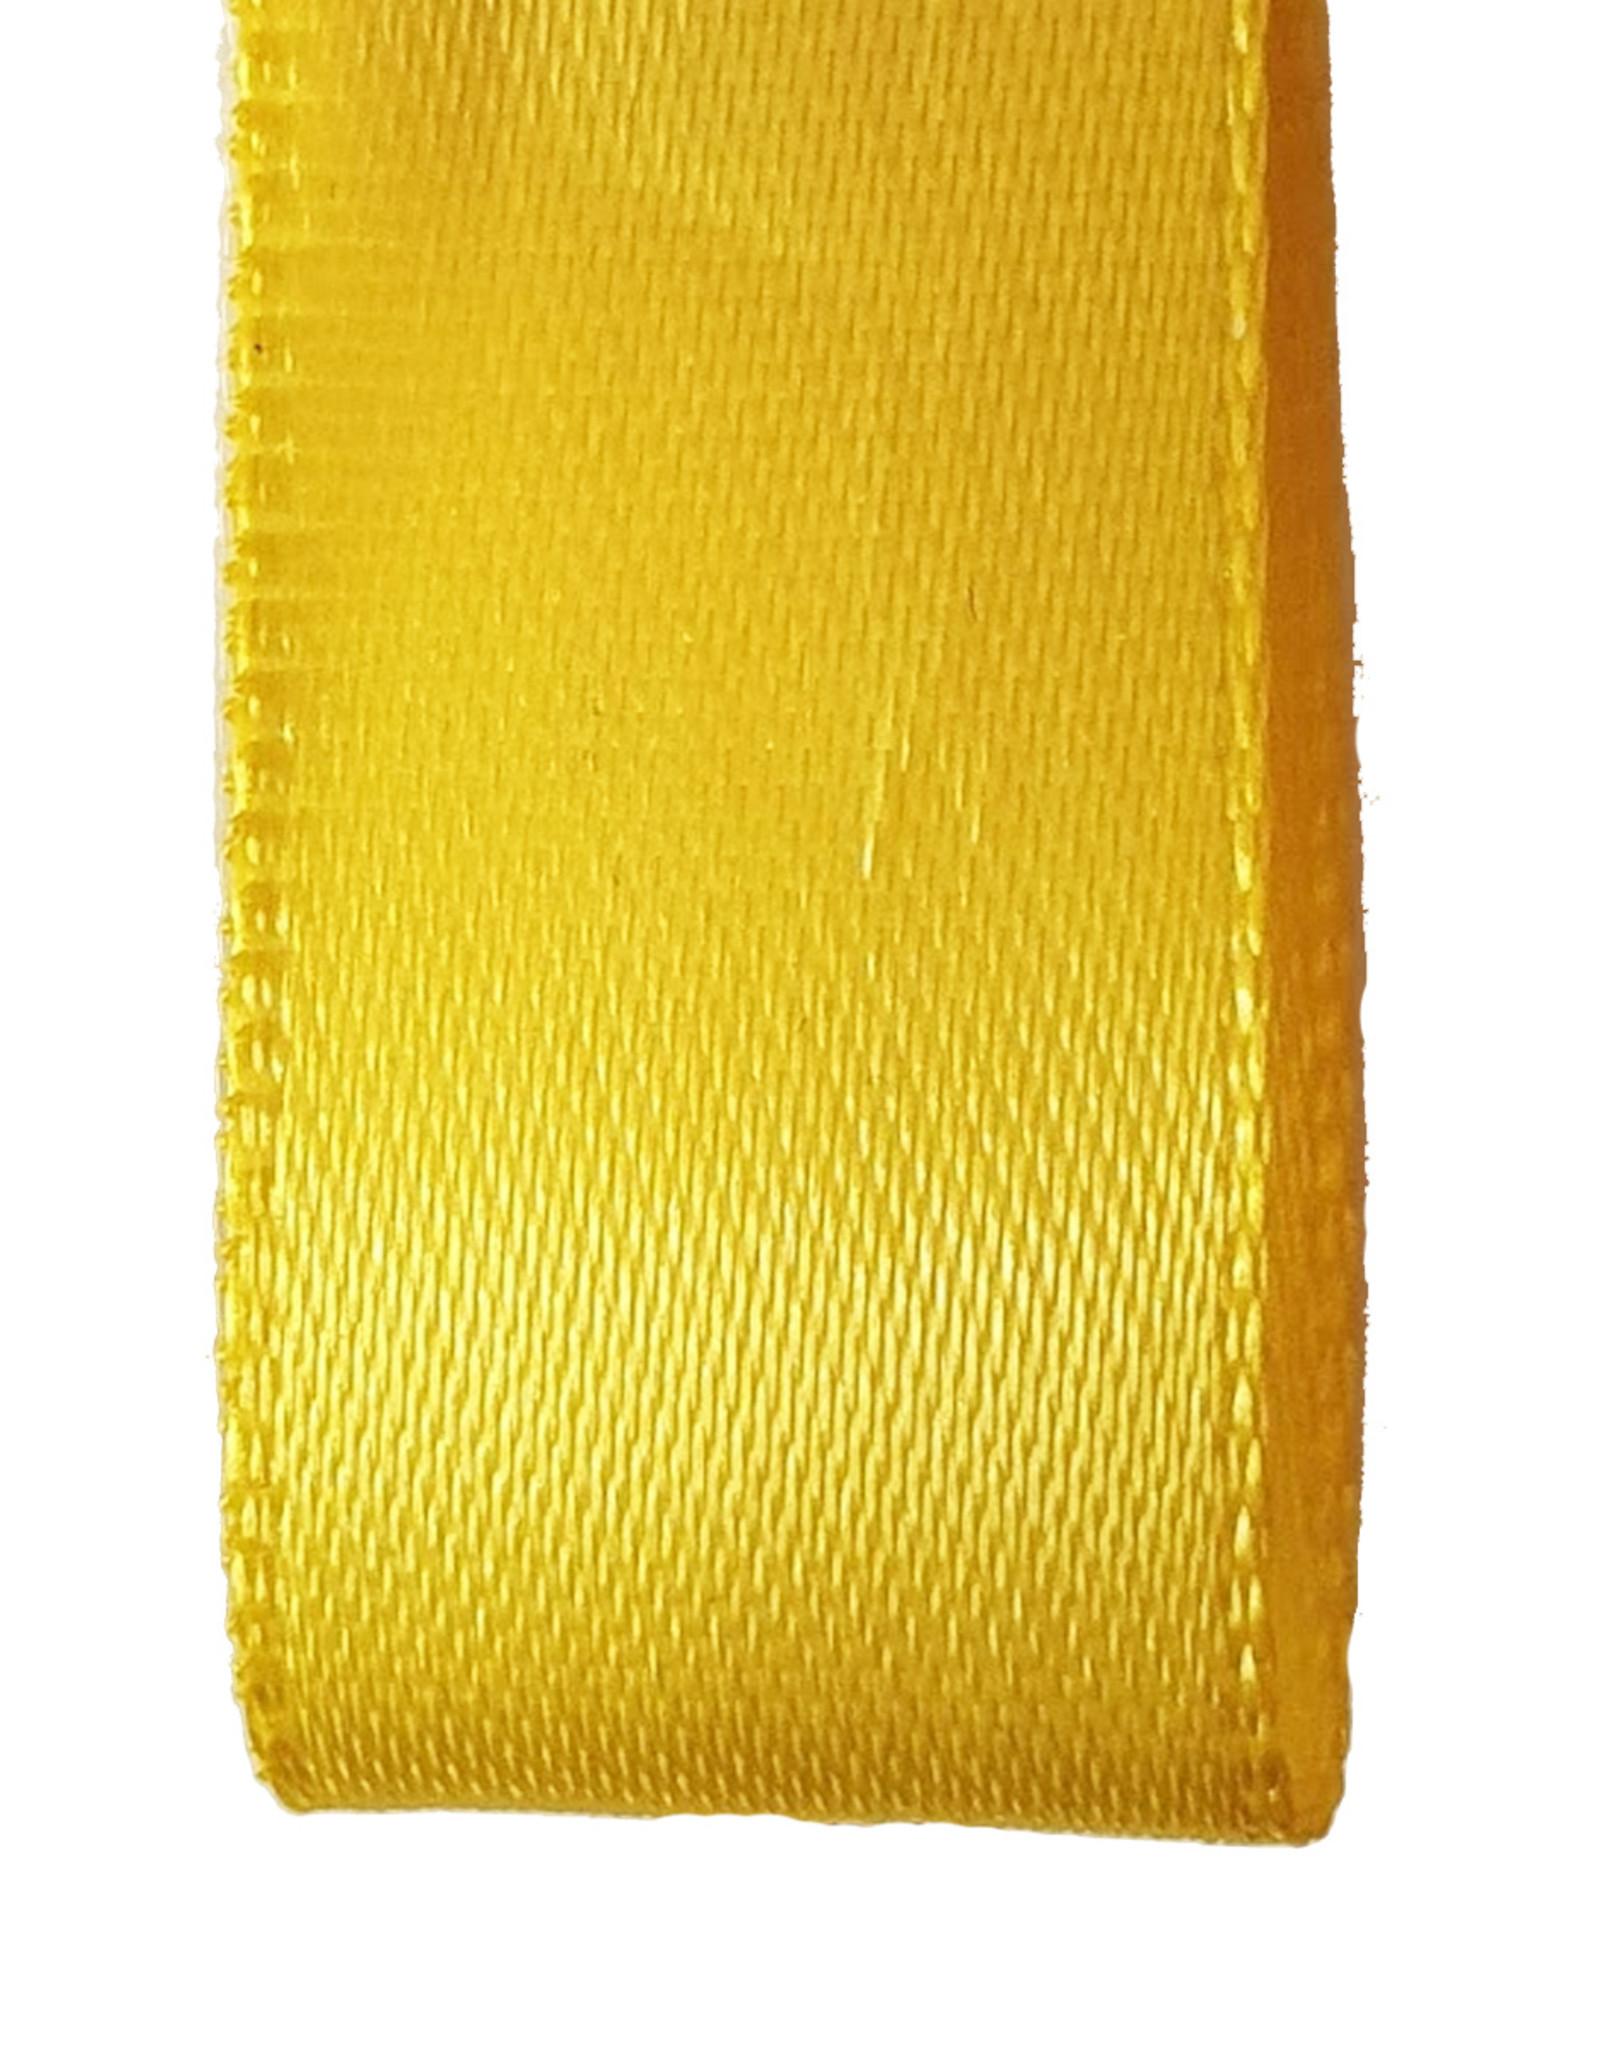 Premium lint satijn - Geel (25 meter)